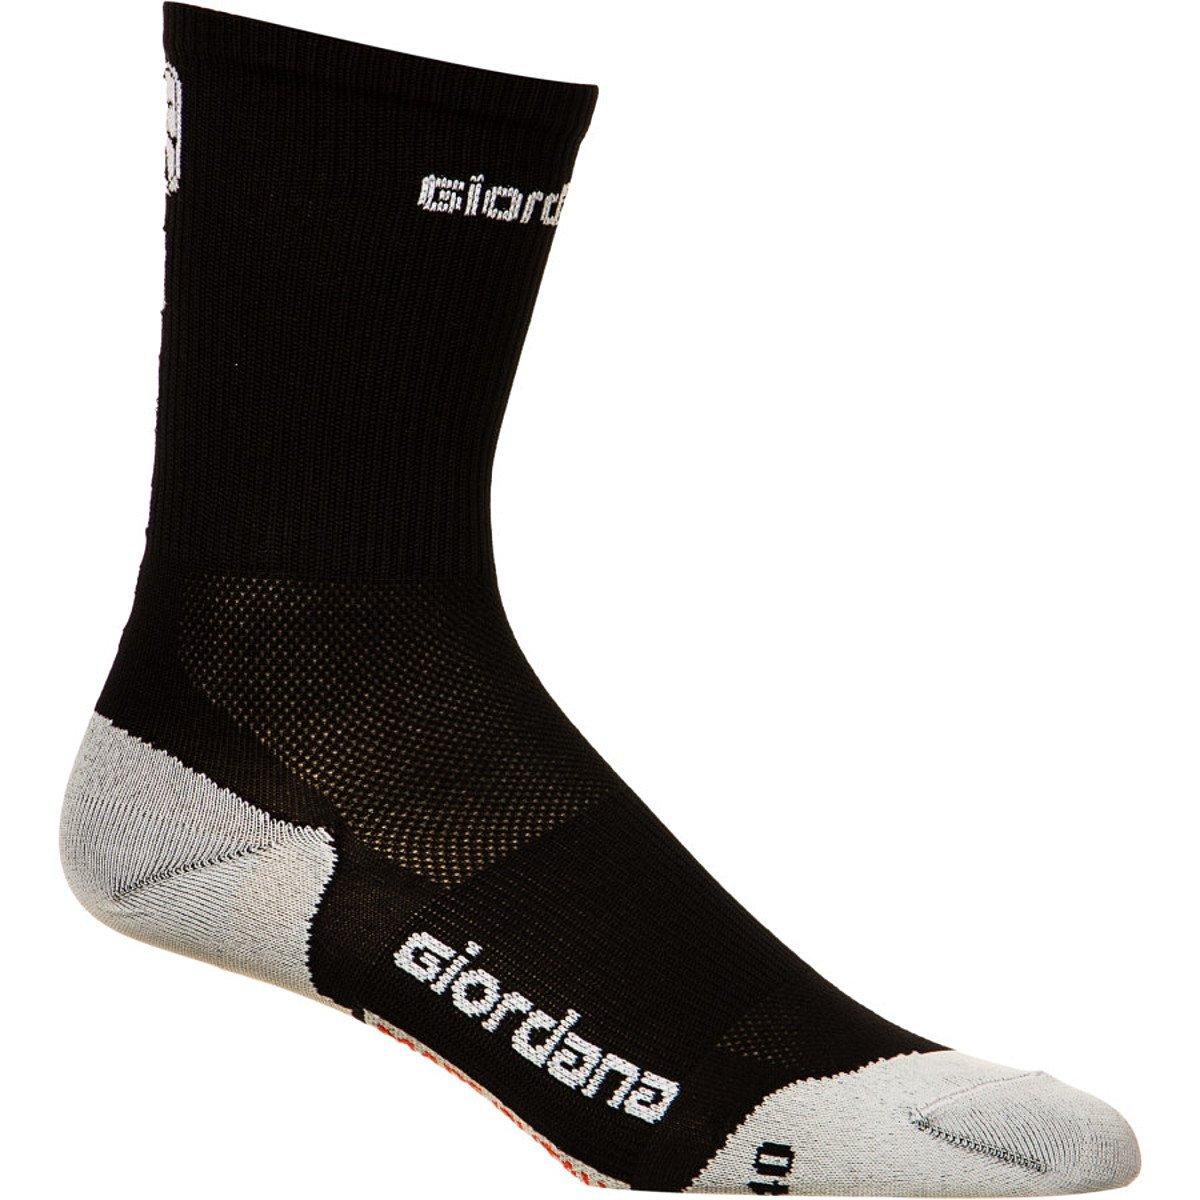 Giordana FormaRed Tall Cuff Socks Mens